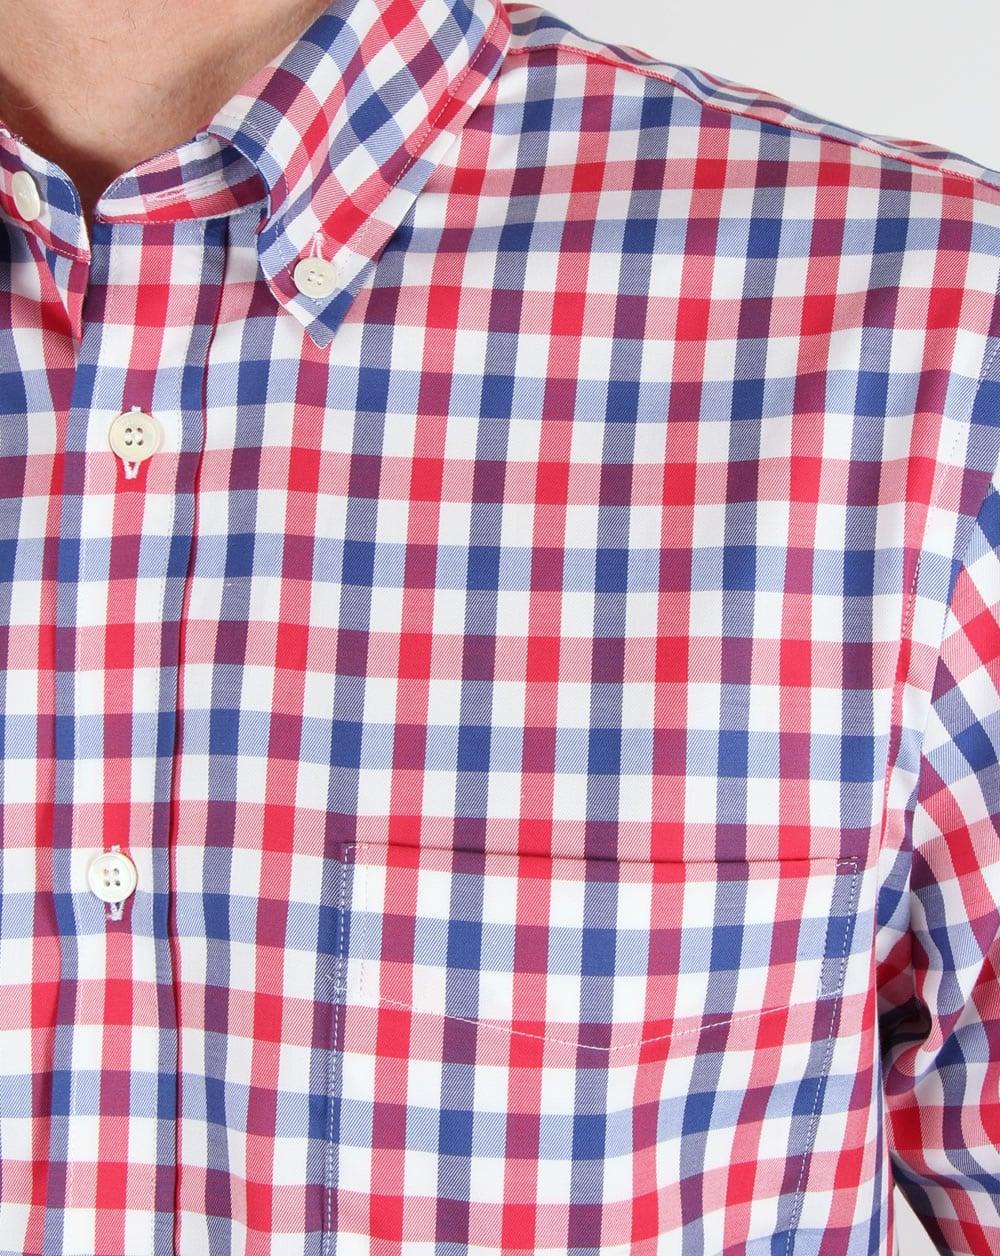 a24027a8c3d Aquascutum Emsworth Check Shirt Red White Navy